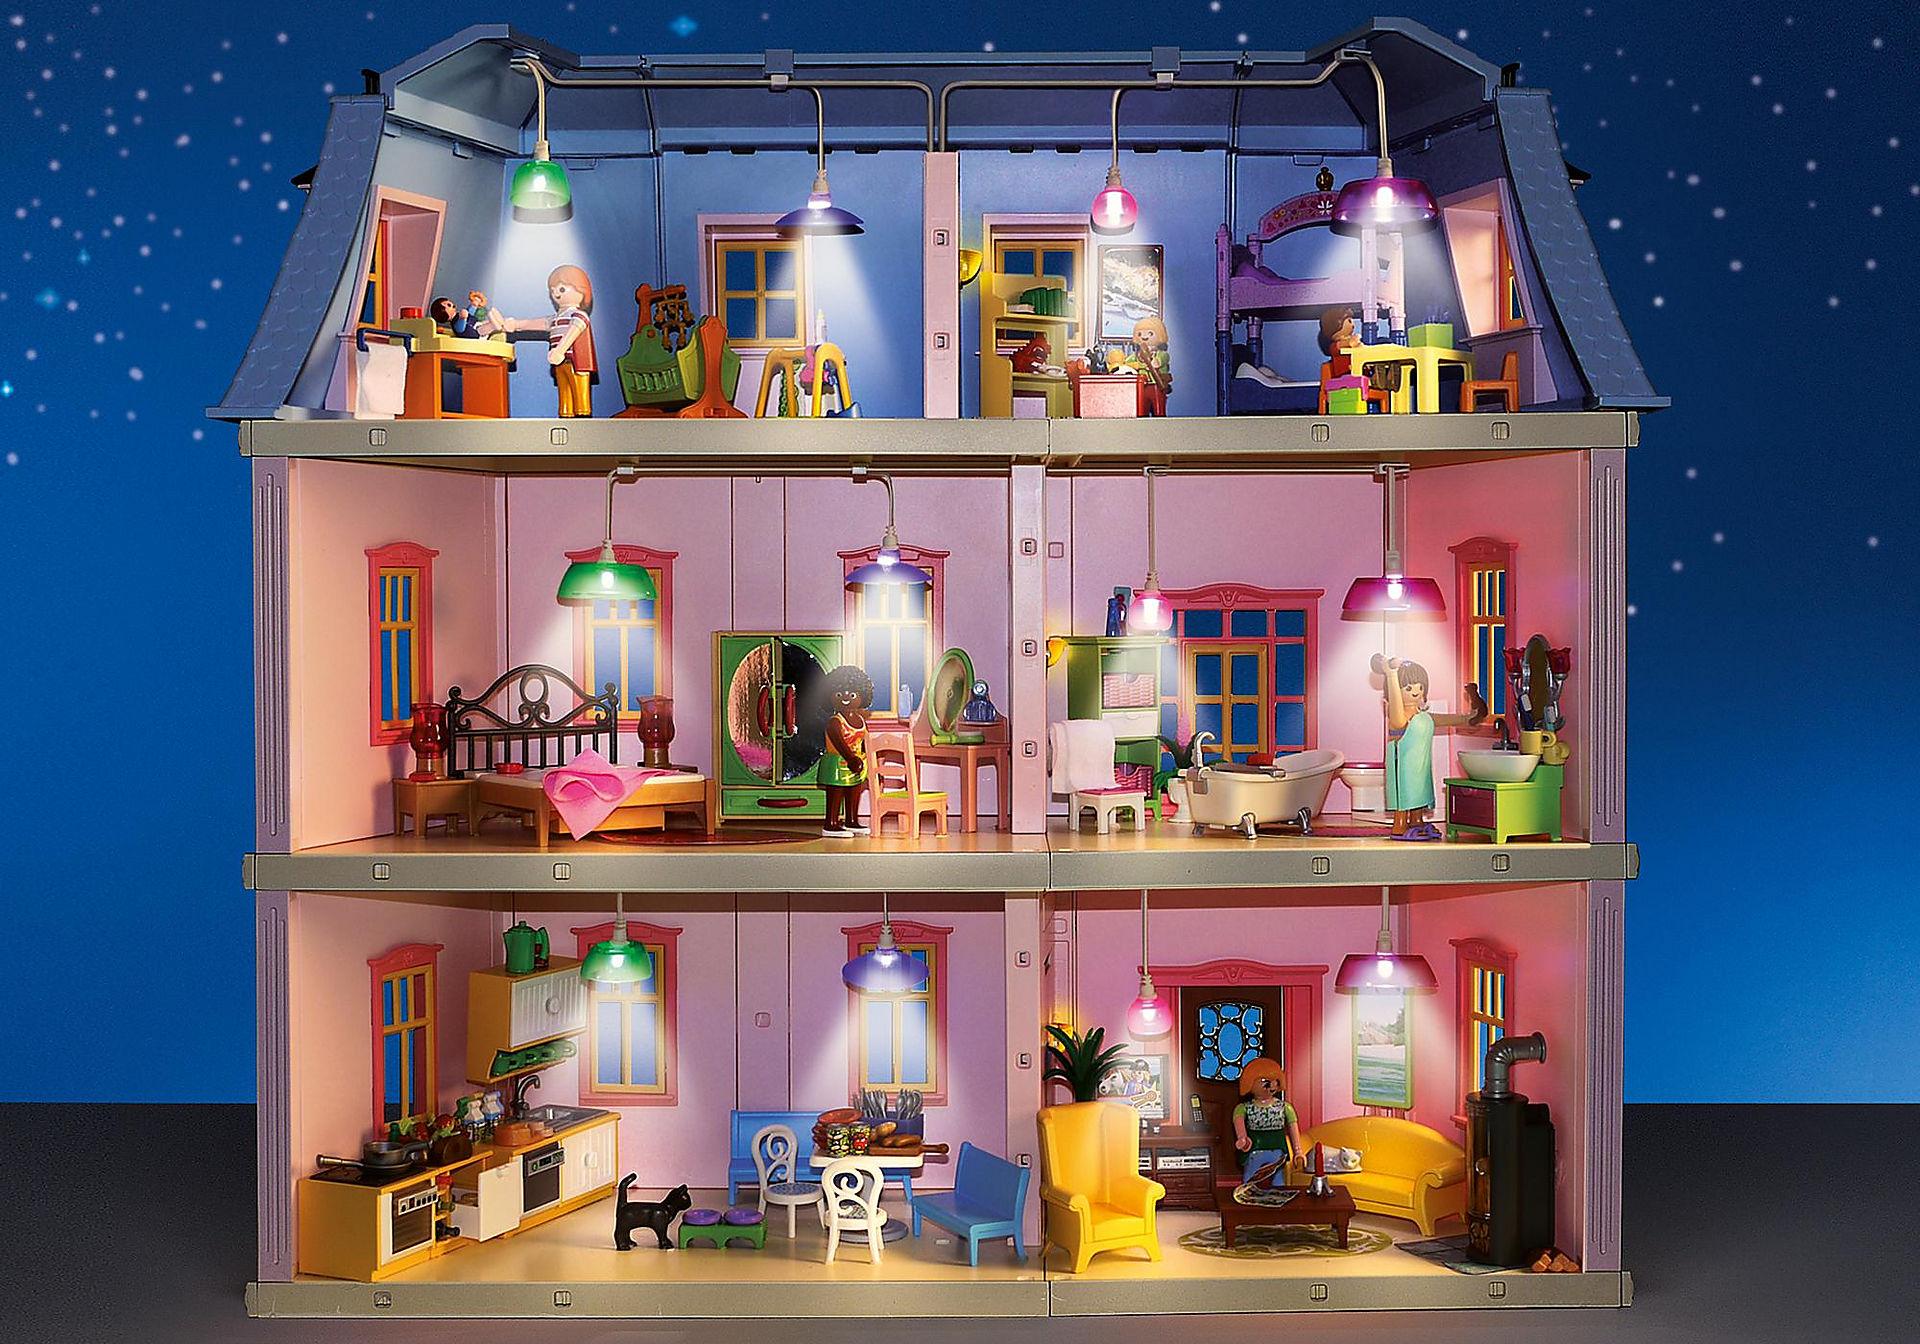 6456 Set de Iluminación para la Casa de Muñecas Romántica (ref. 5303) zoom image2